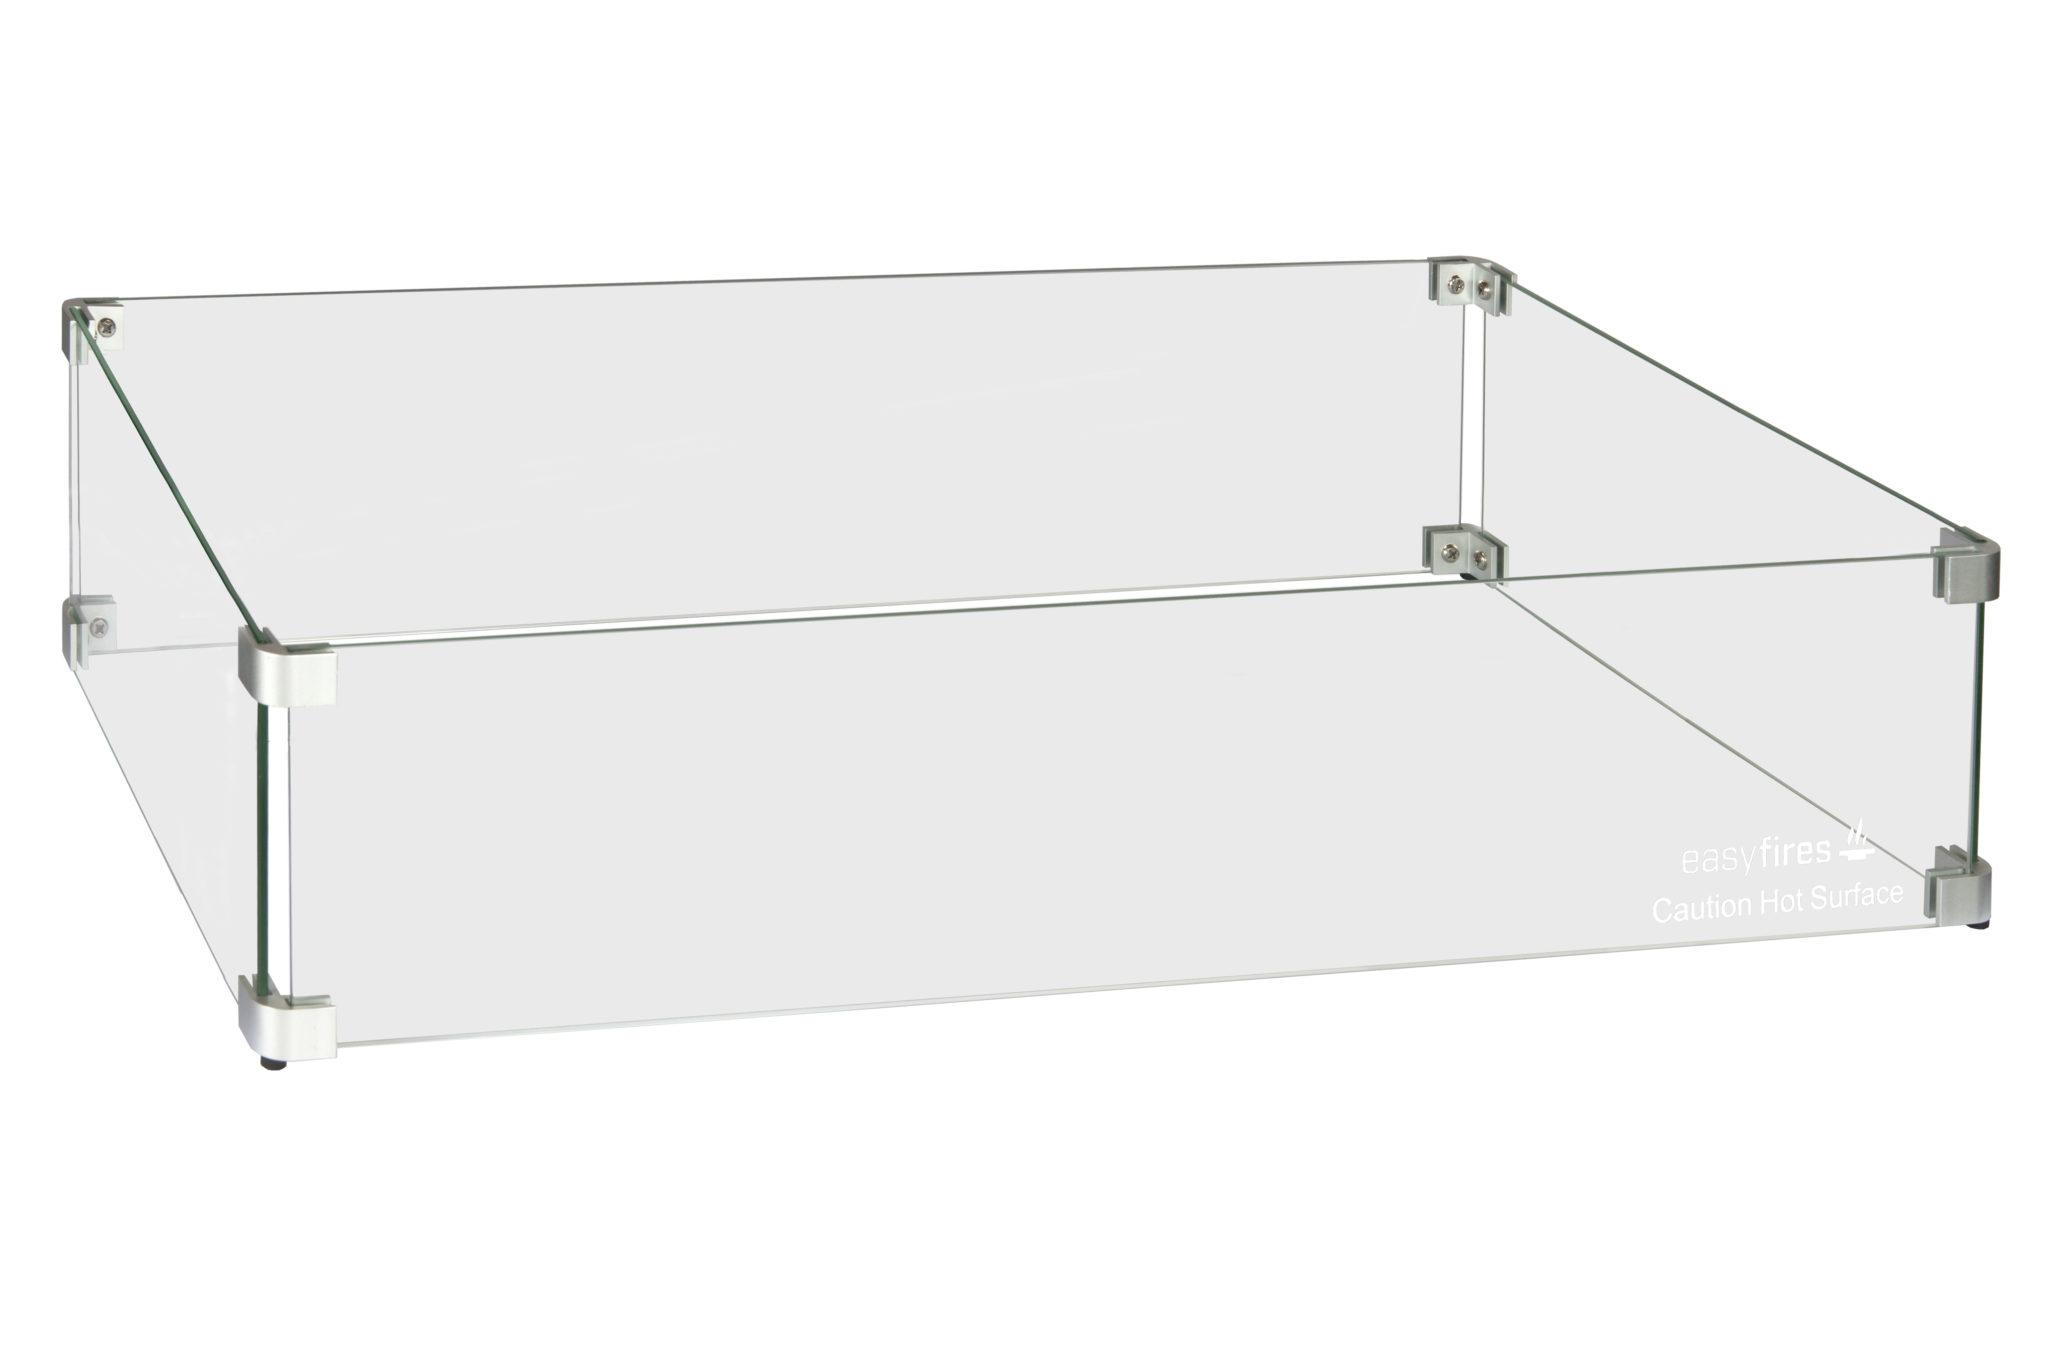 Glasombouw rechthoek met logo 78x38